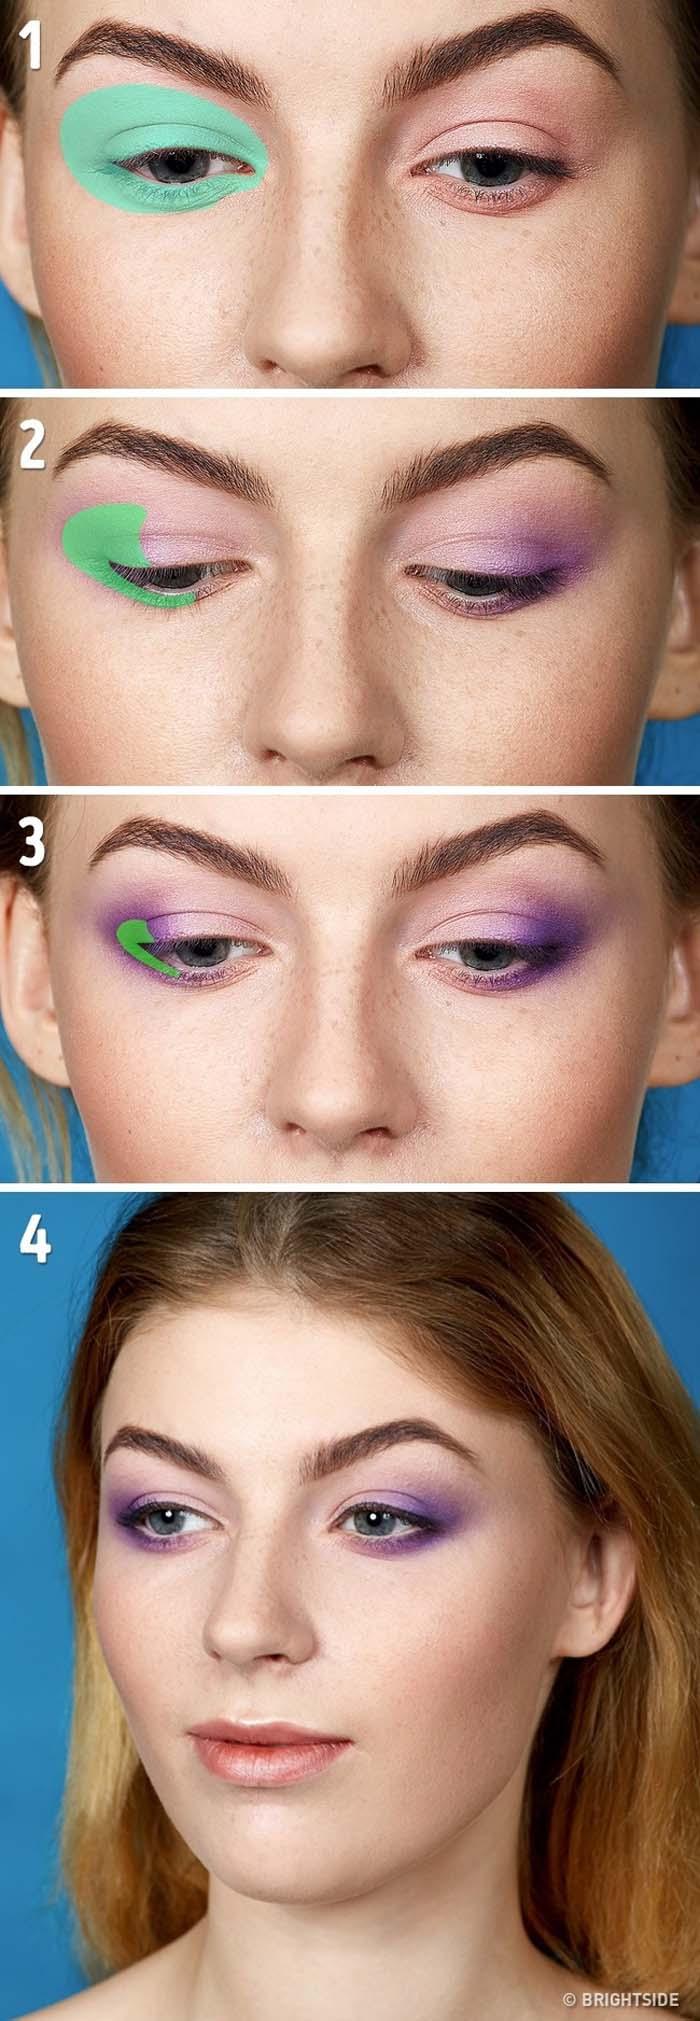 Βασικές τεχνικές στο μακιγιάζ που κάθε γυναίκα πρέπει να γνωρίζει (2)